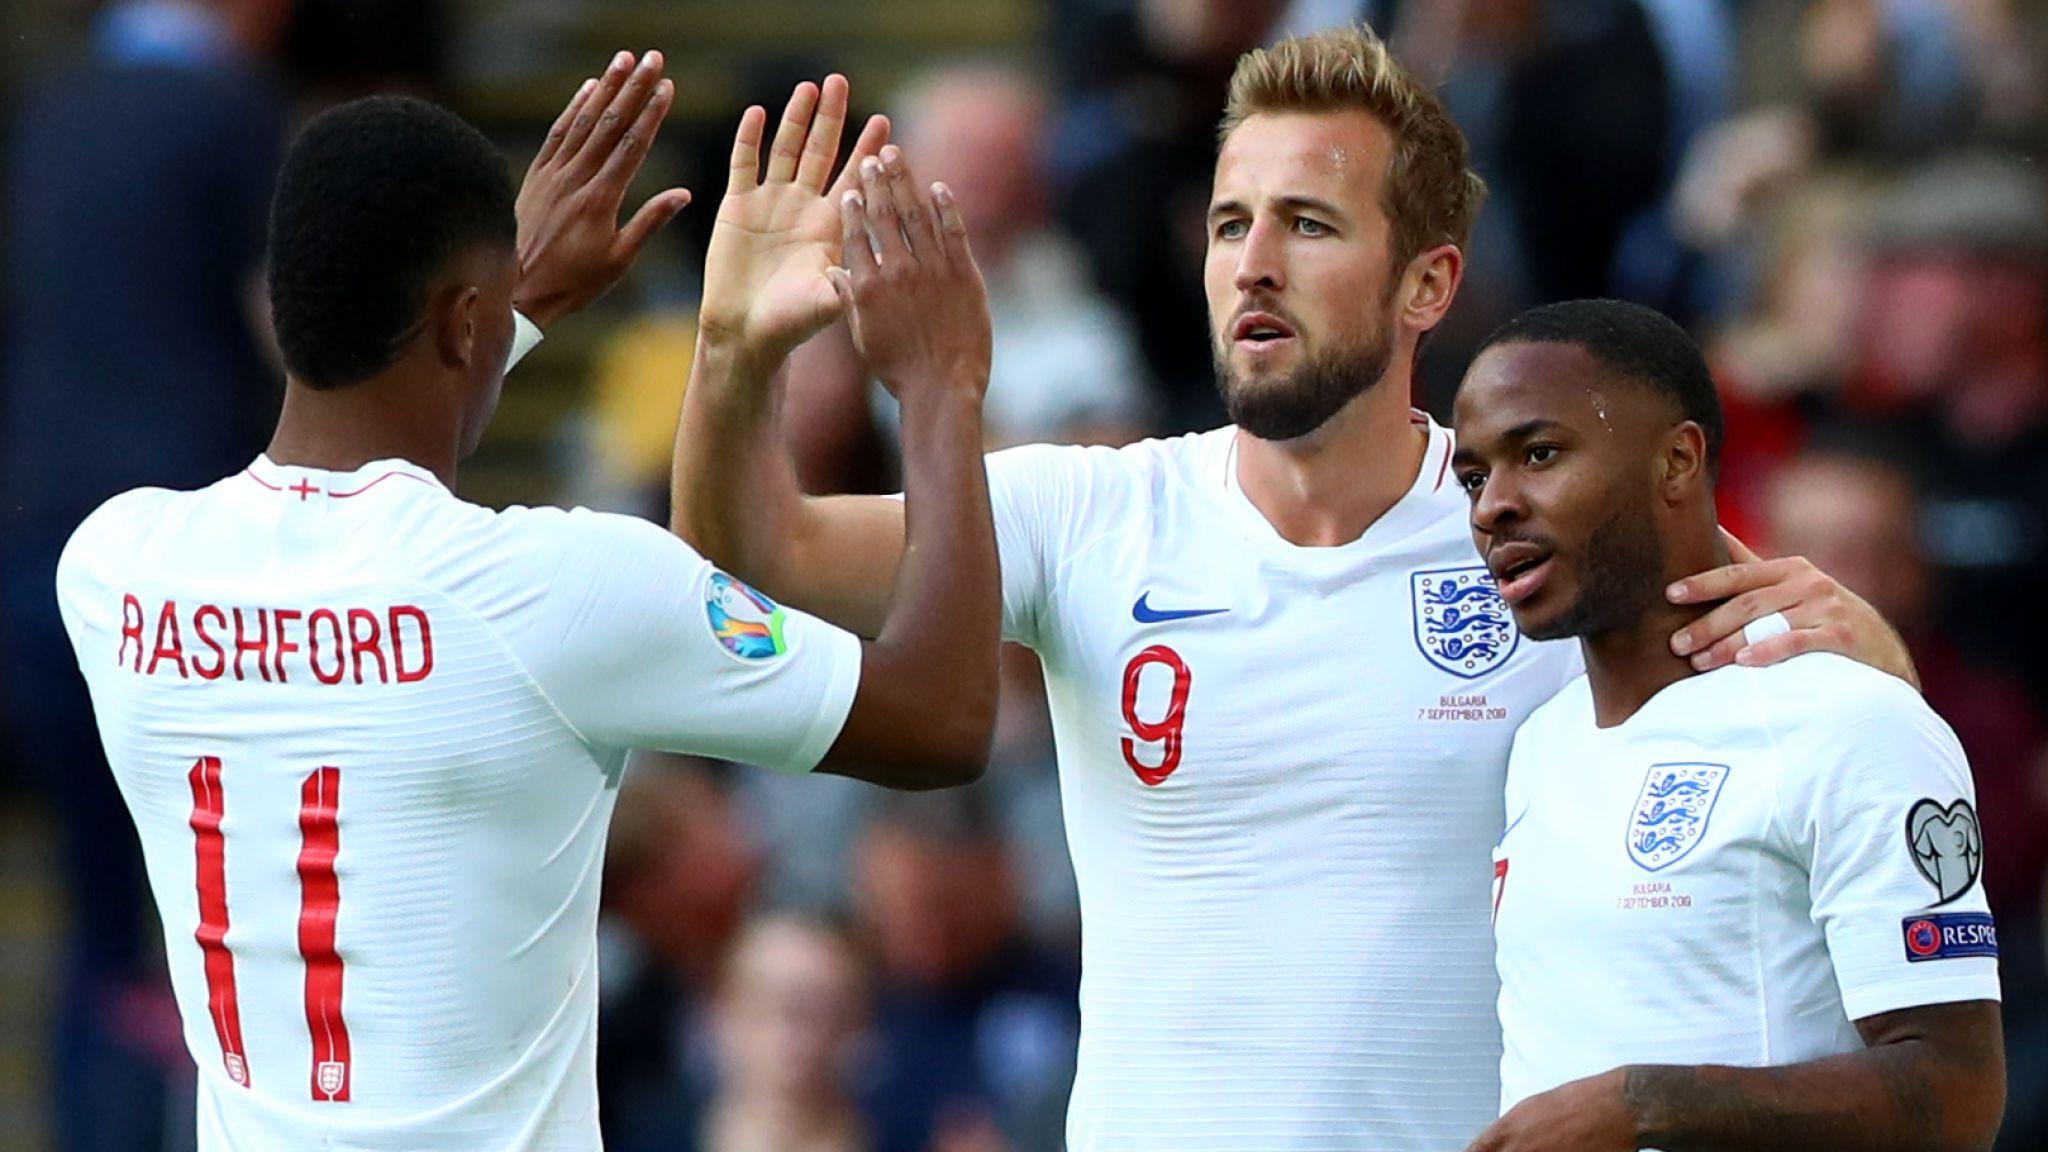 วิเคราะห์ฟุตบอล ฟุตบอล ยูฟ่า ยูโร 2020 รอบคัดเลือก | อังกฤษ vs โคโซโว 10/09/19